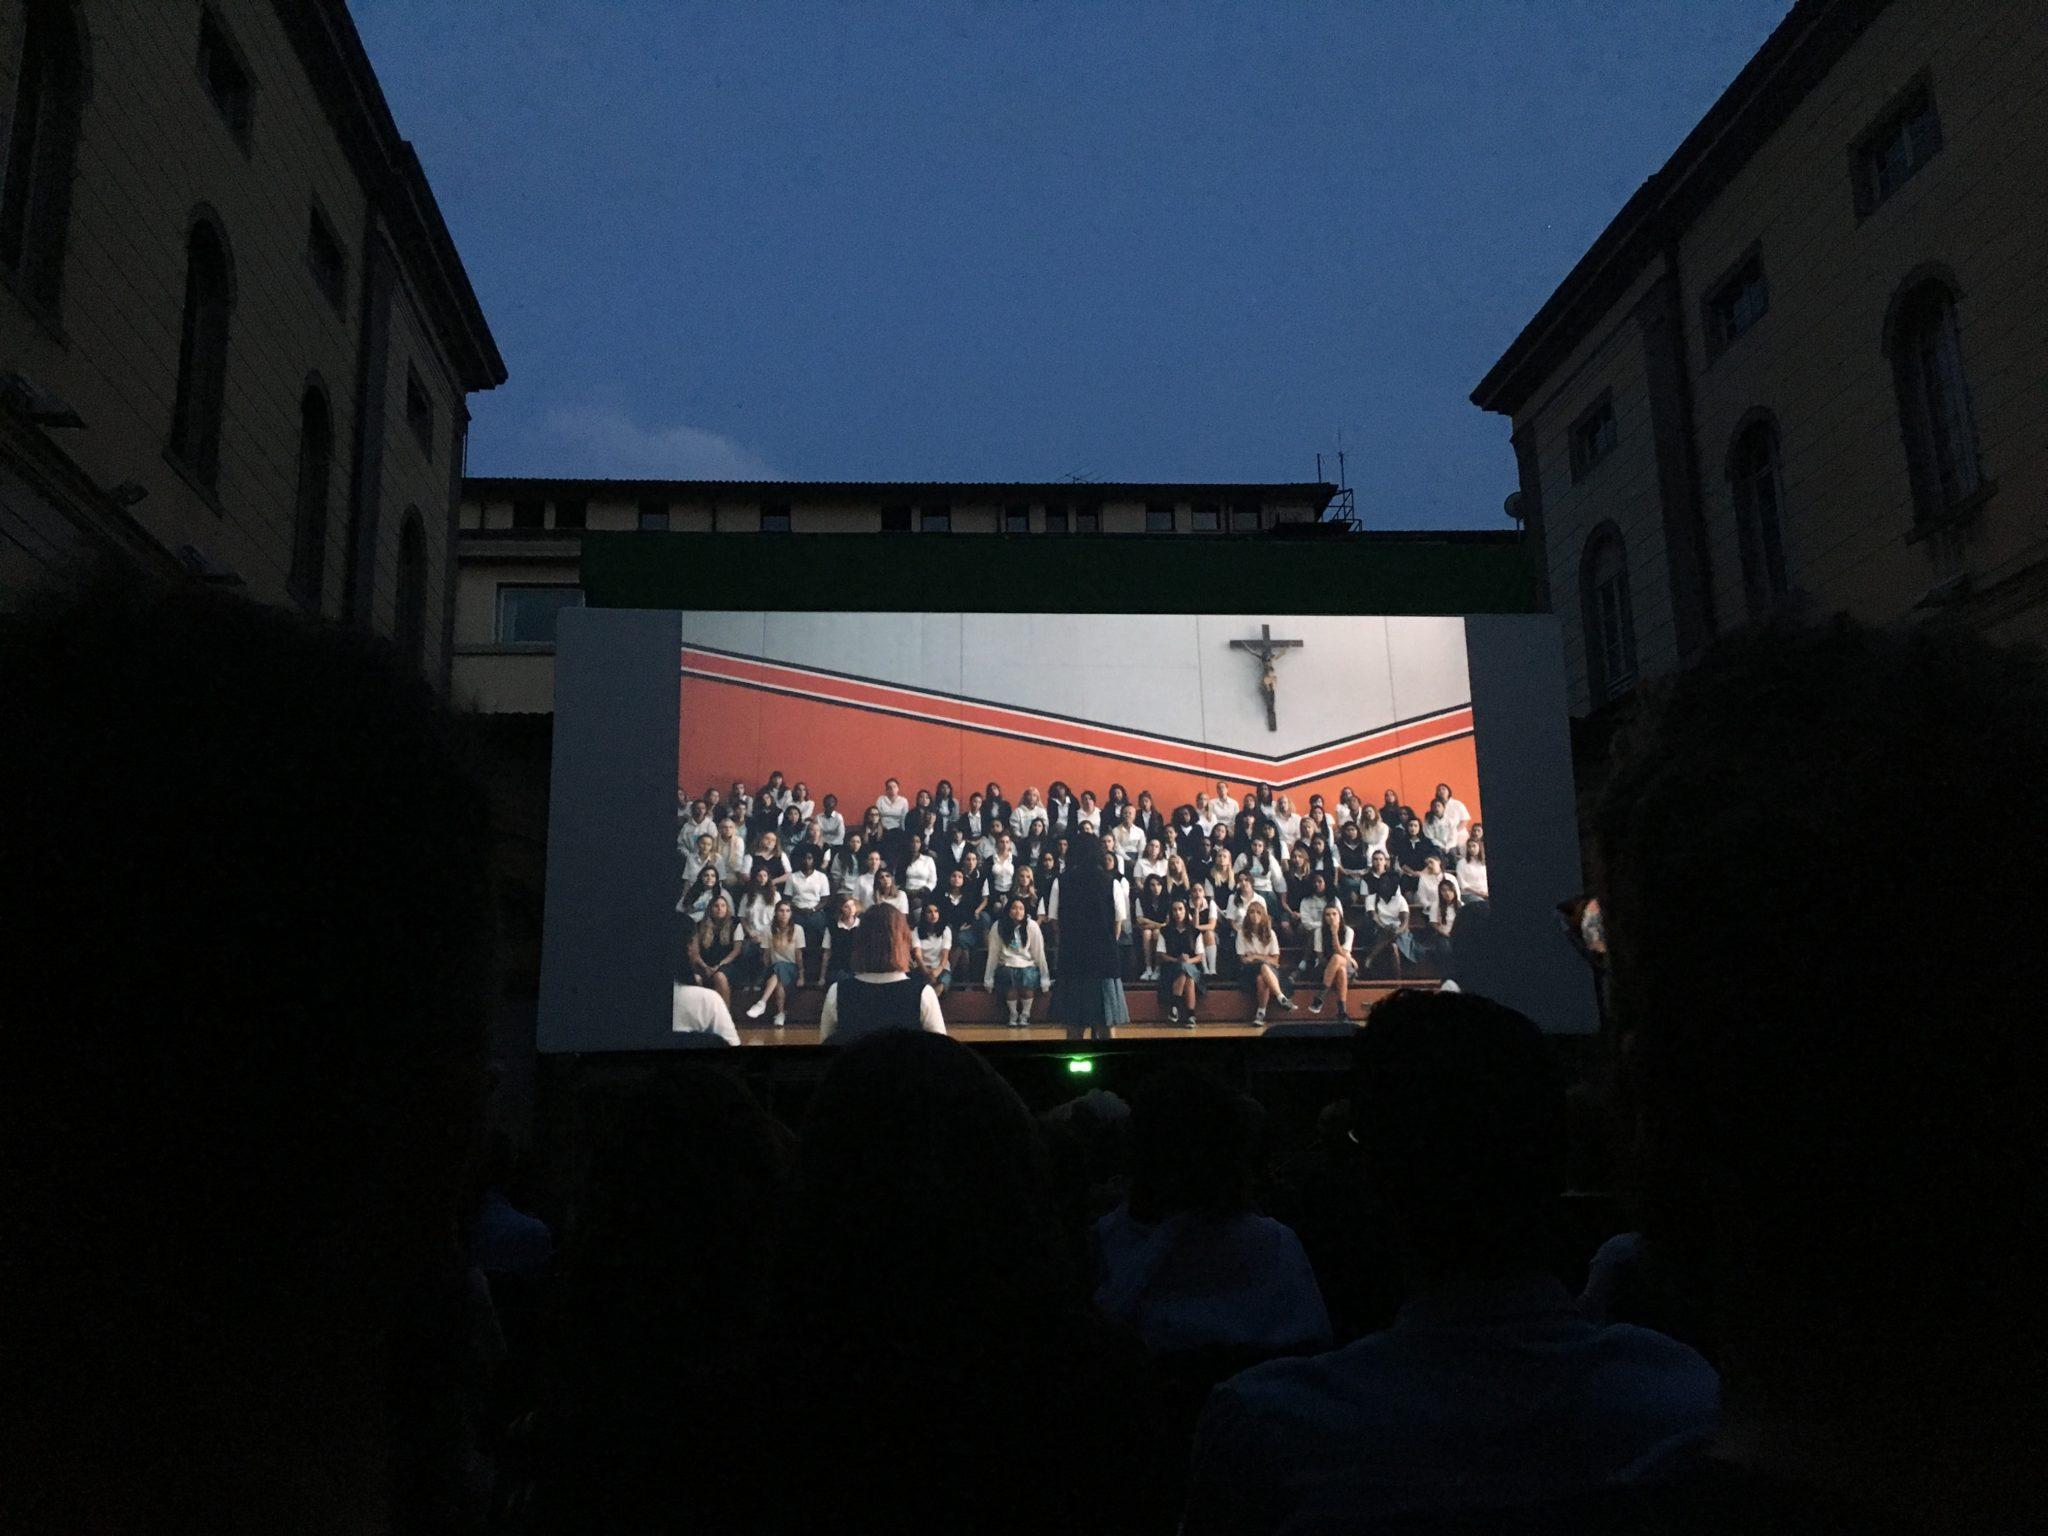 Per la bella stagione, i migliori film della stagione invernale nel cortile della biblioteca Caversazzi di Bergamo: 400 posti a sedere, fino a settembre